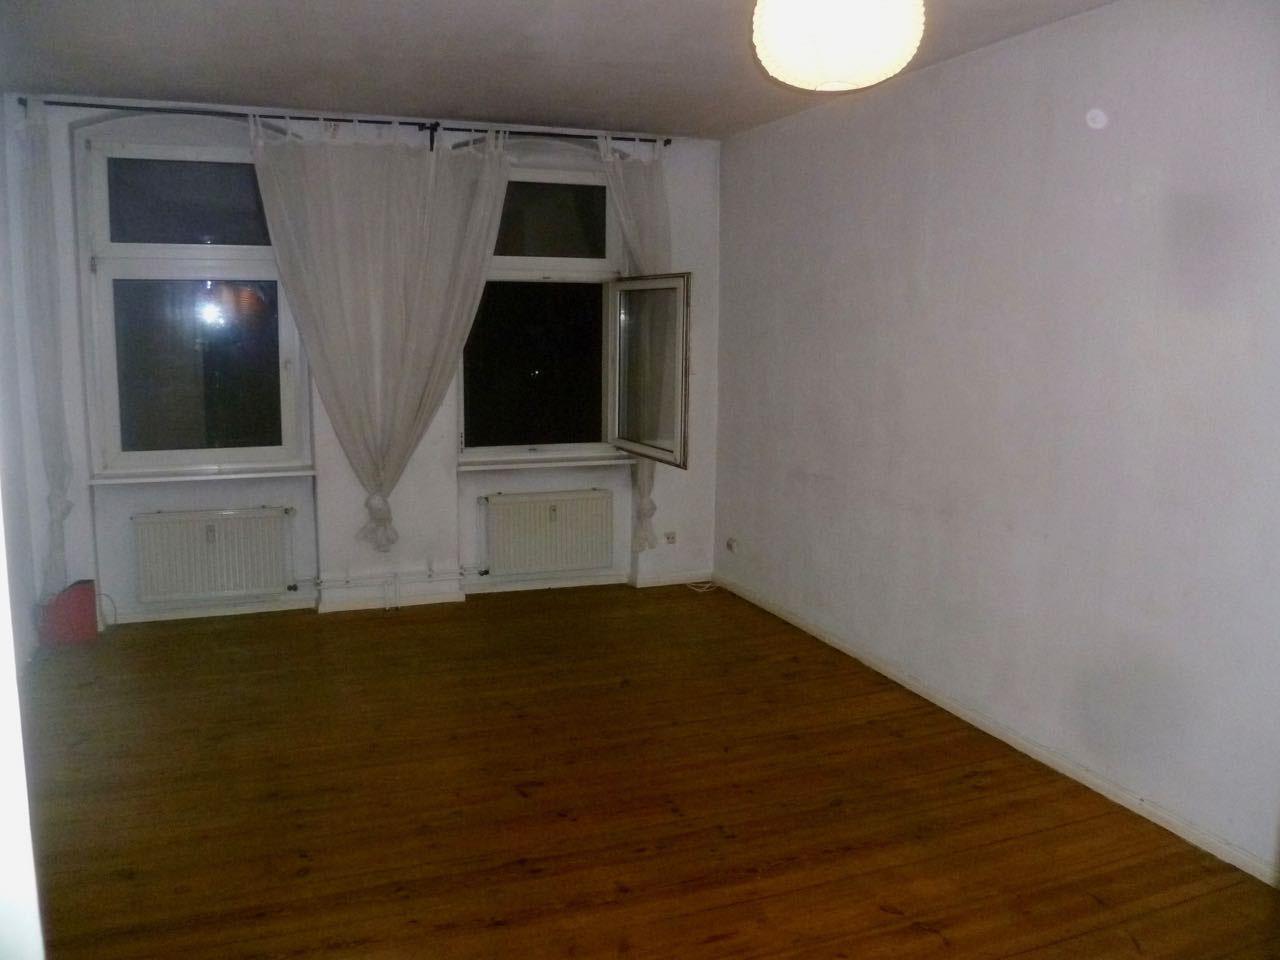 dielen schleifen osnabr cker strasse charlottenburg berlin dielendesign dielen parkett. Black Bedroom Furniture Sets. Home Design Ideas